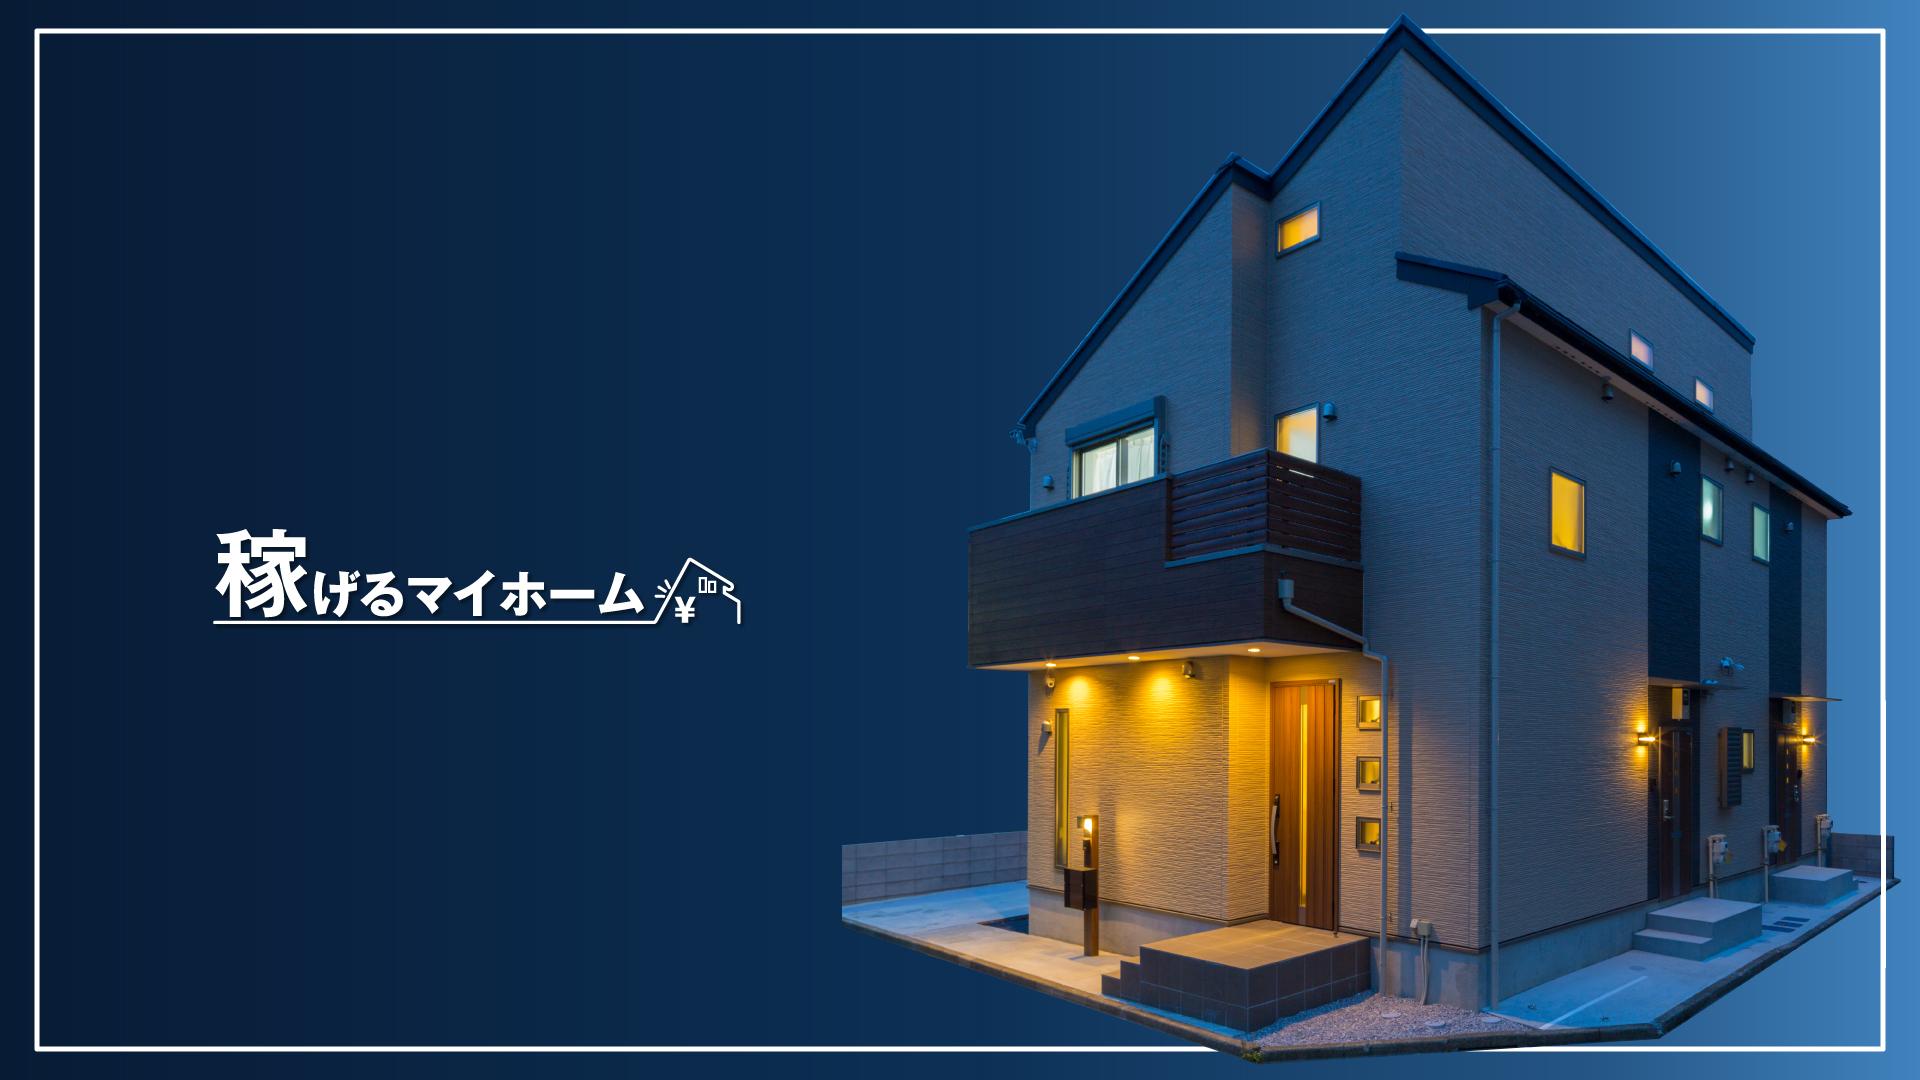 稼げるマイホーム桜川内覧会開催のお知らせ